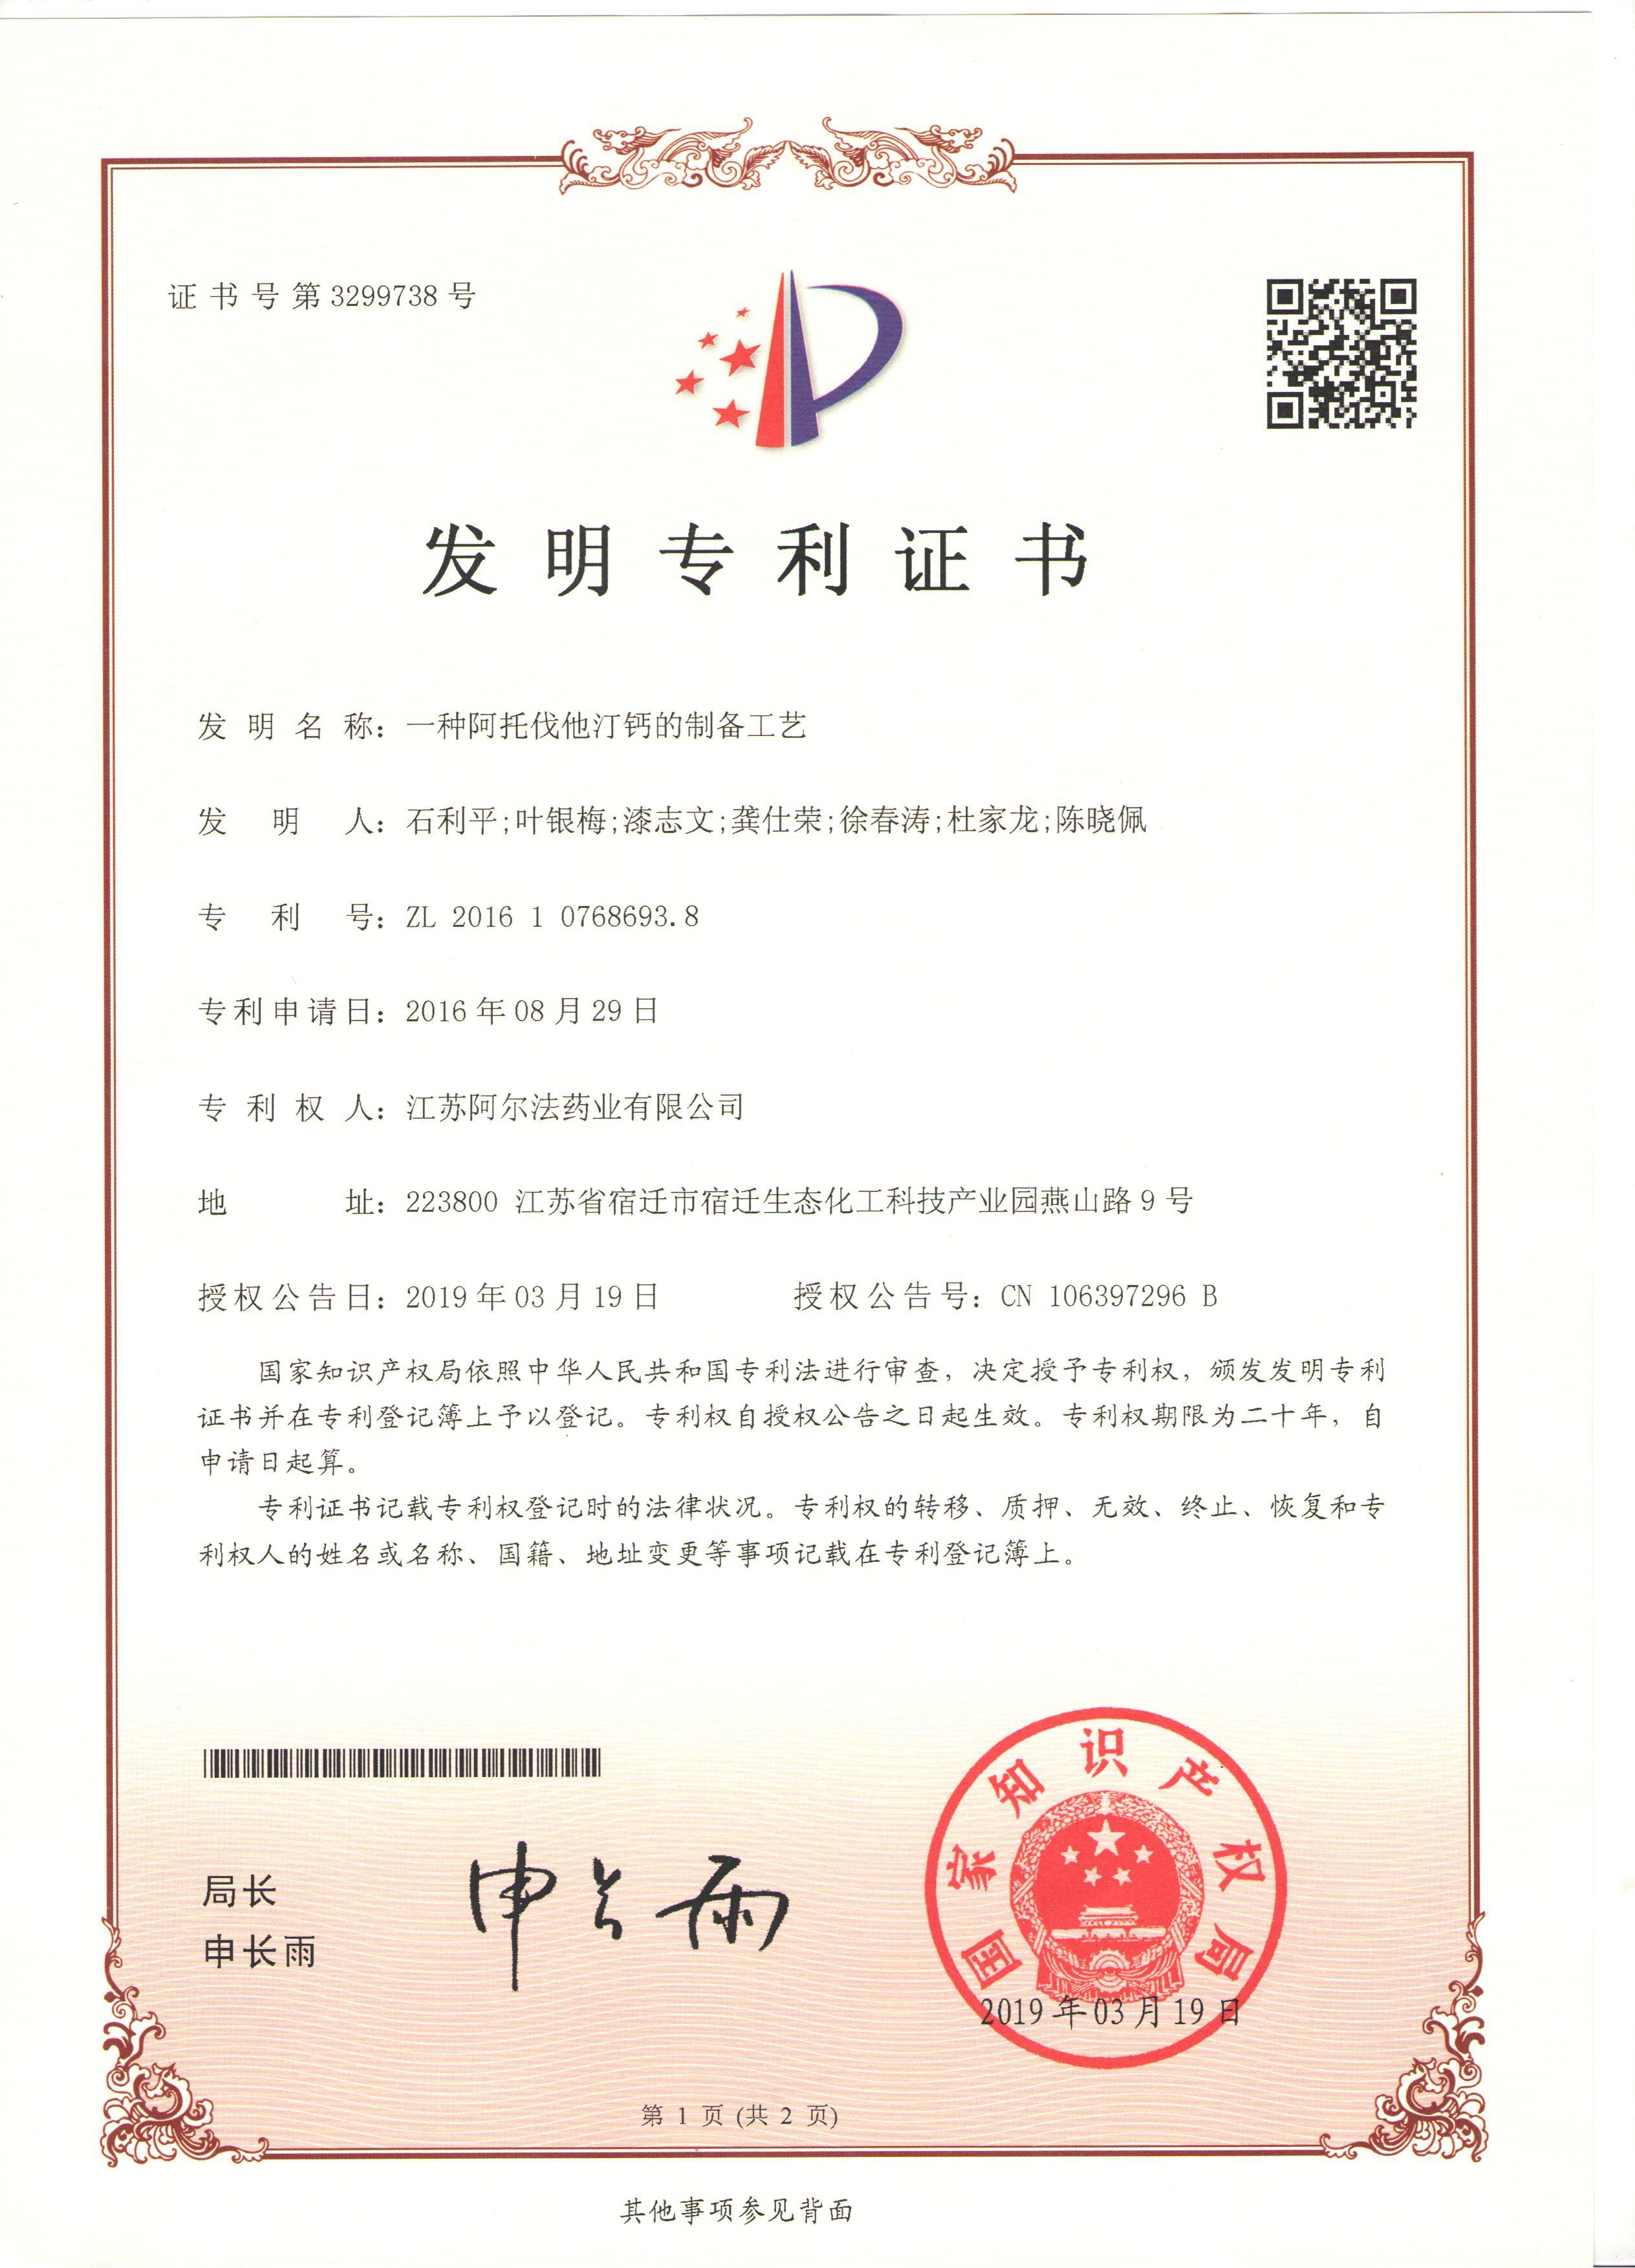 荣誉-专利-24.一种阿托伐他汀的制备工艺201610768693.8-1